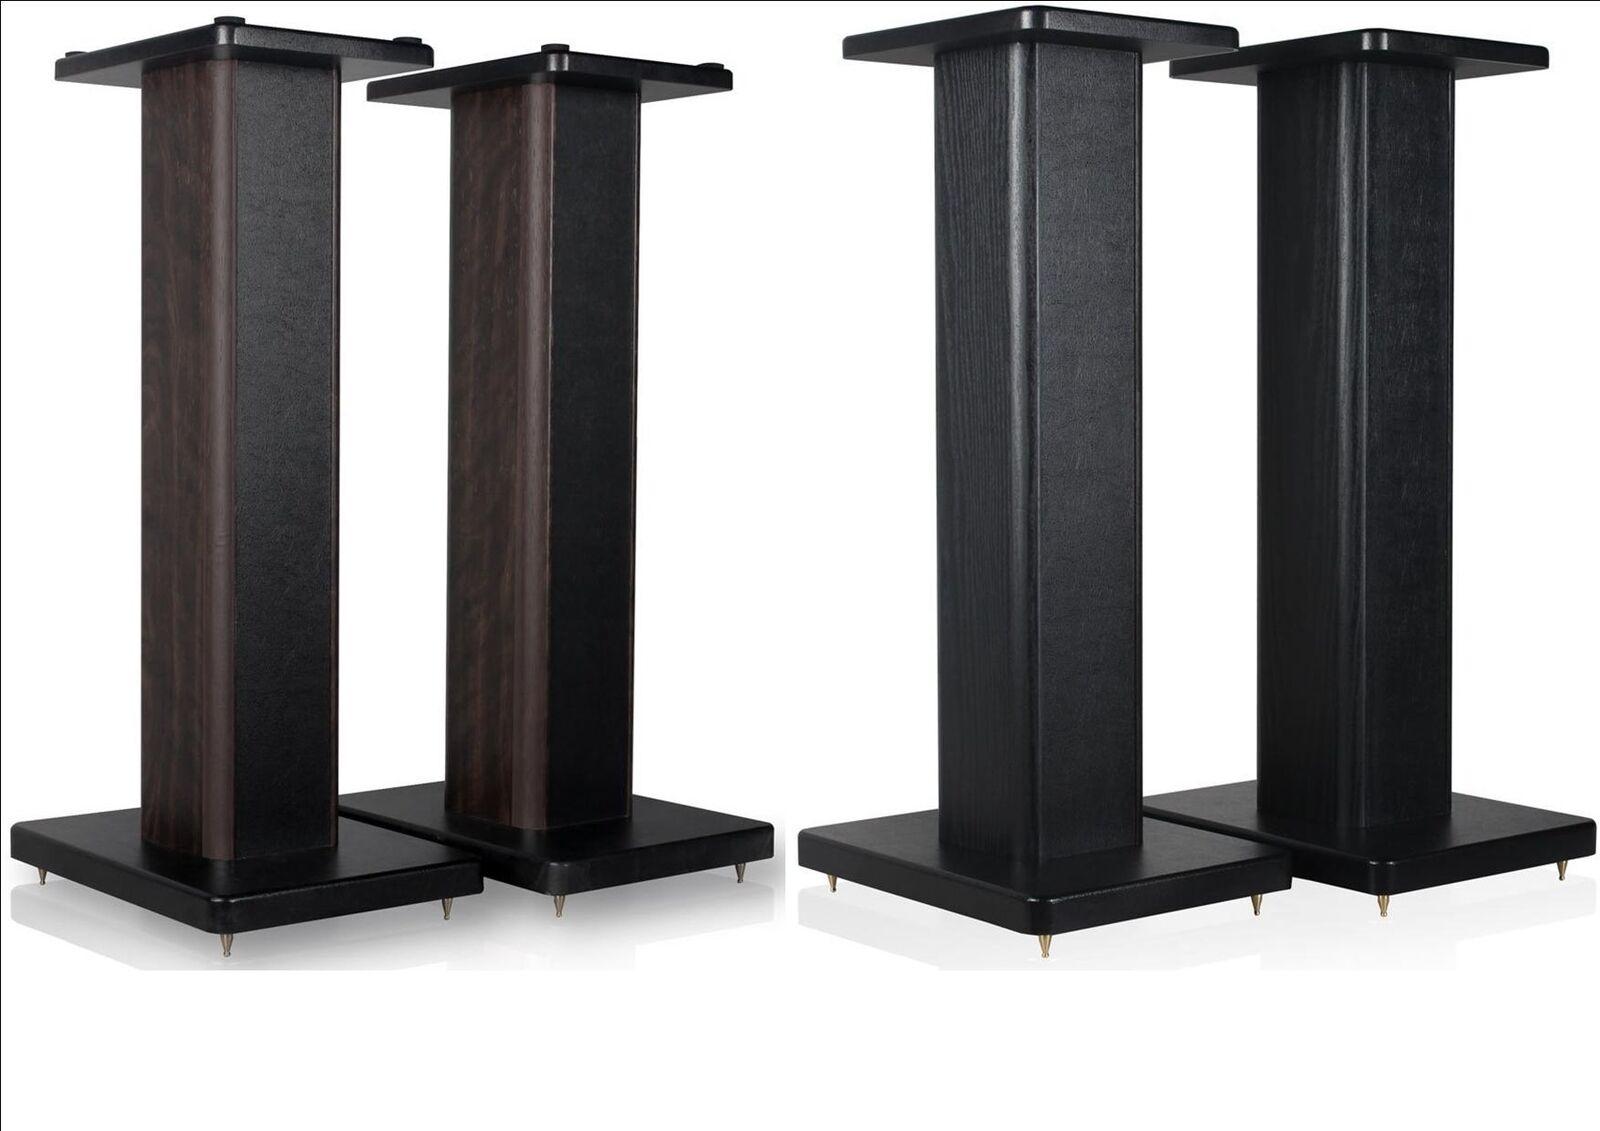 1 Paar MDF Boxenständer 52cm 62cm Lautsprecherständer Boxenhalter Boxensäulen